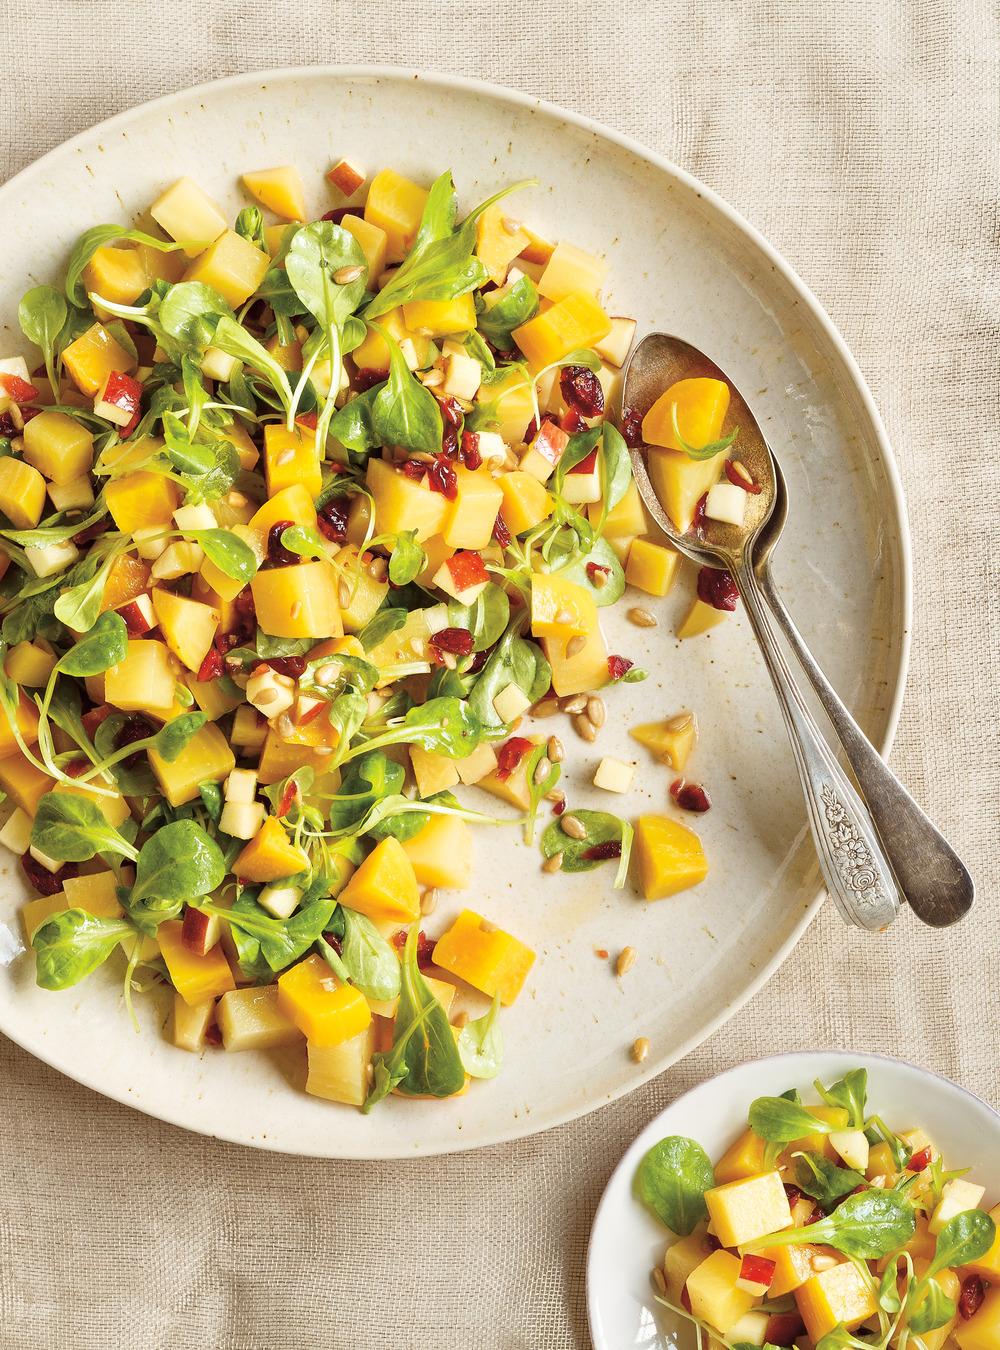 Salade de betteraves aux pommes et aux canneberges | ricardo